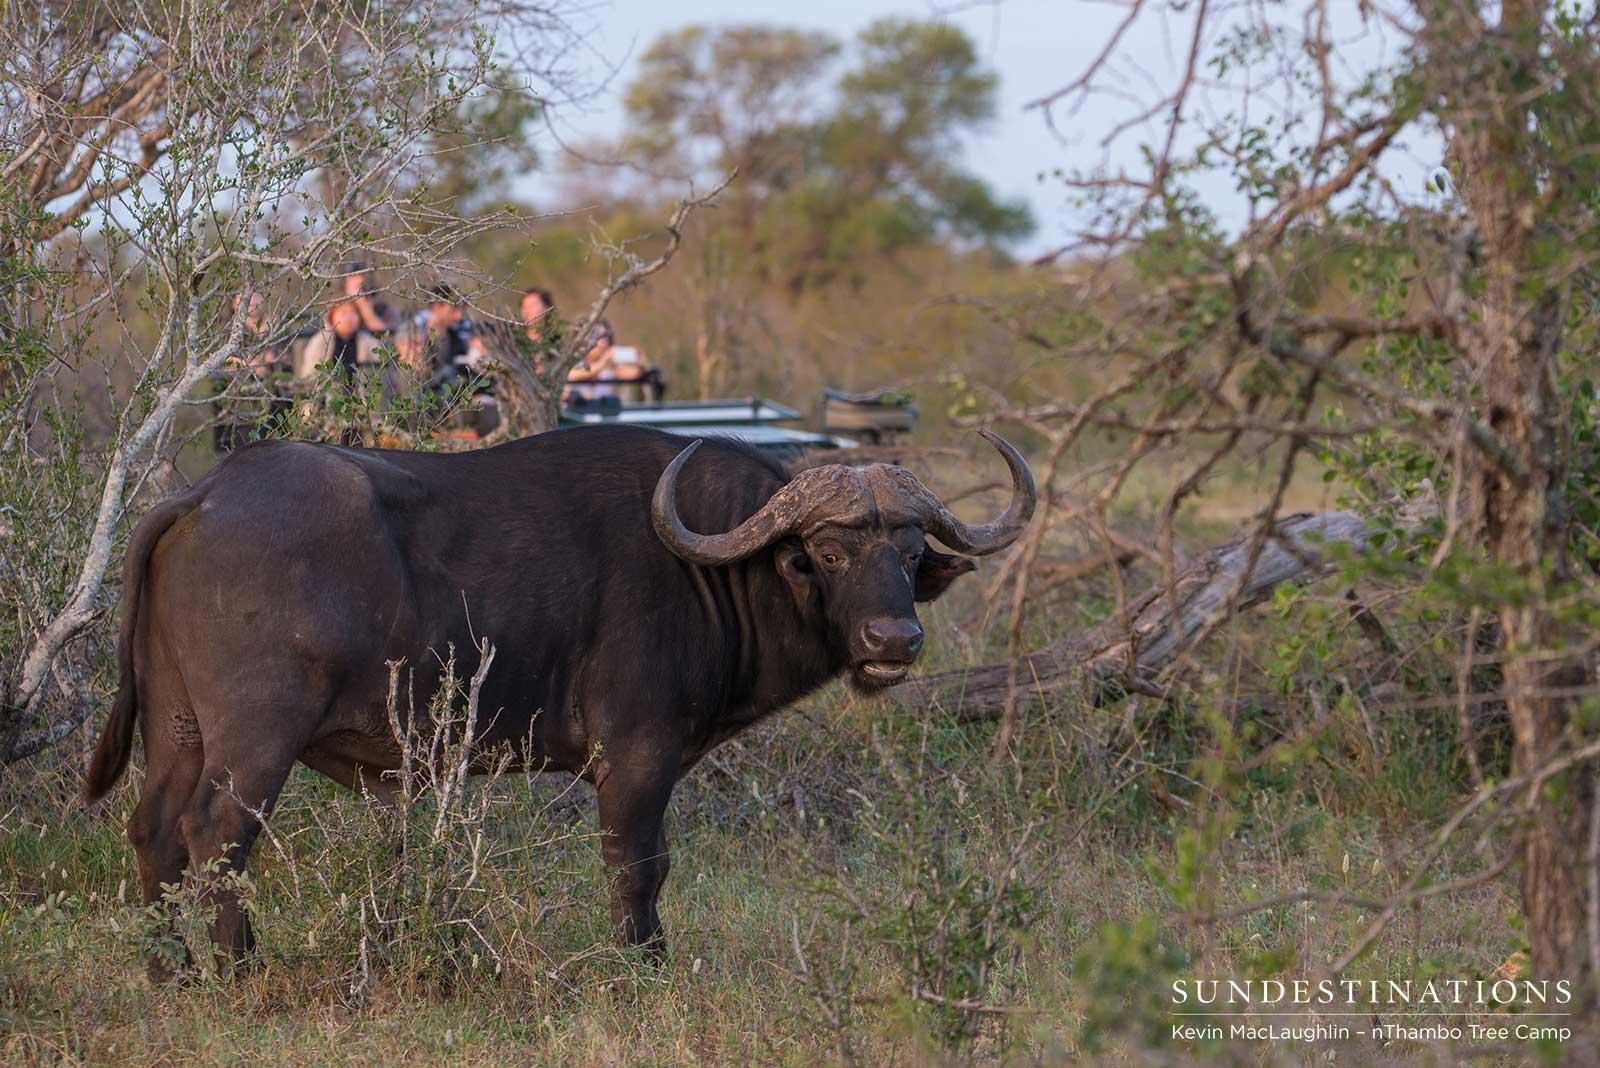 nThambo Tree Camp Buffalo